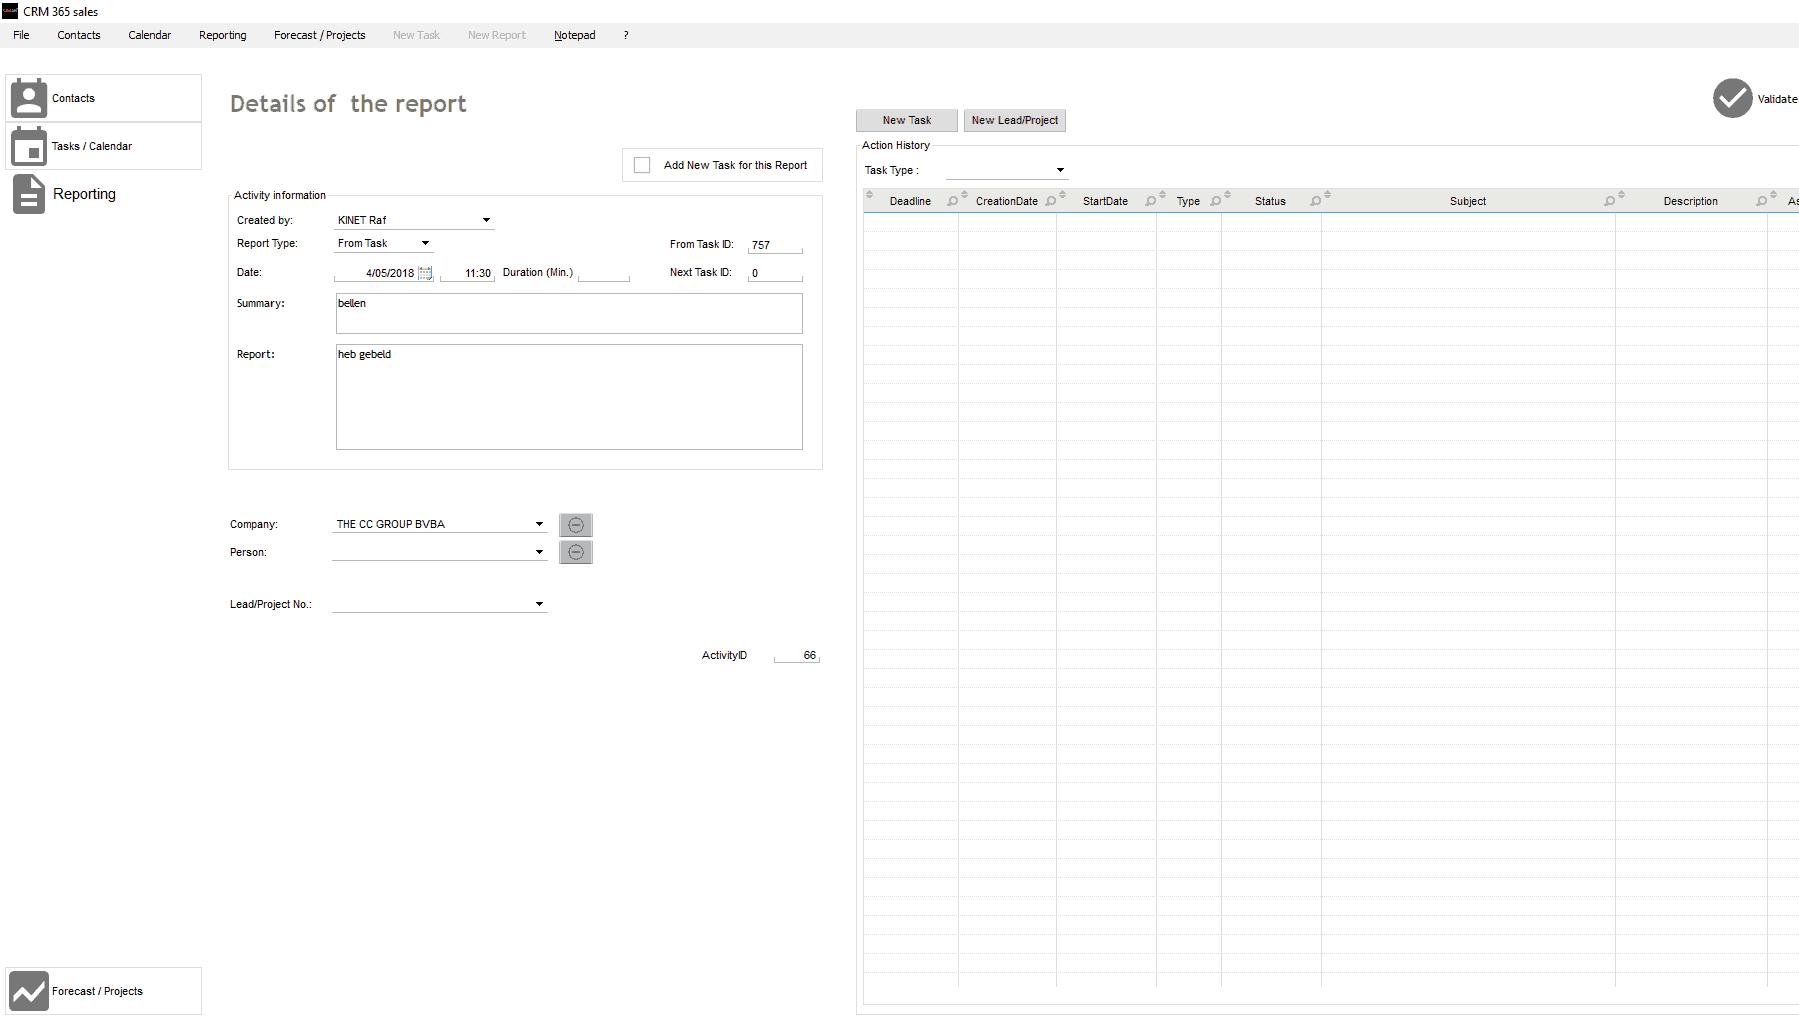 teleweb-mallorca software com picture 5